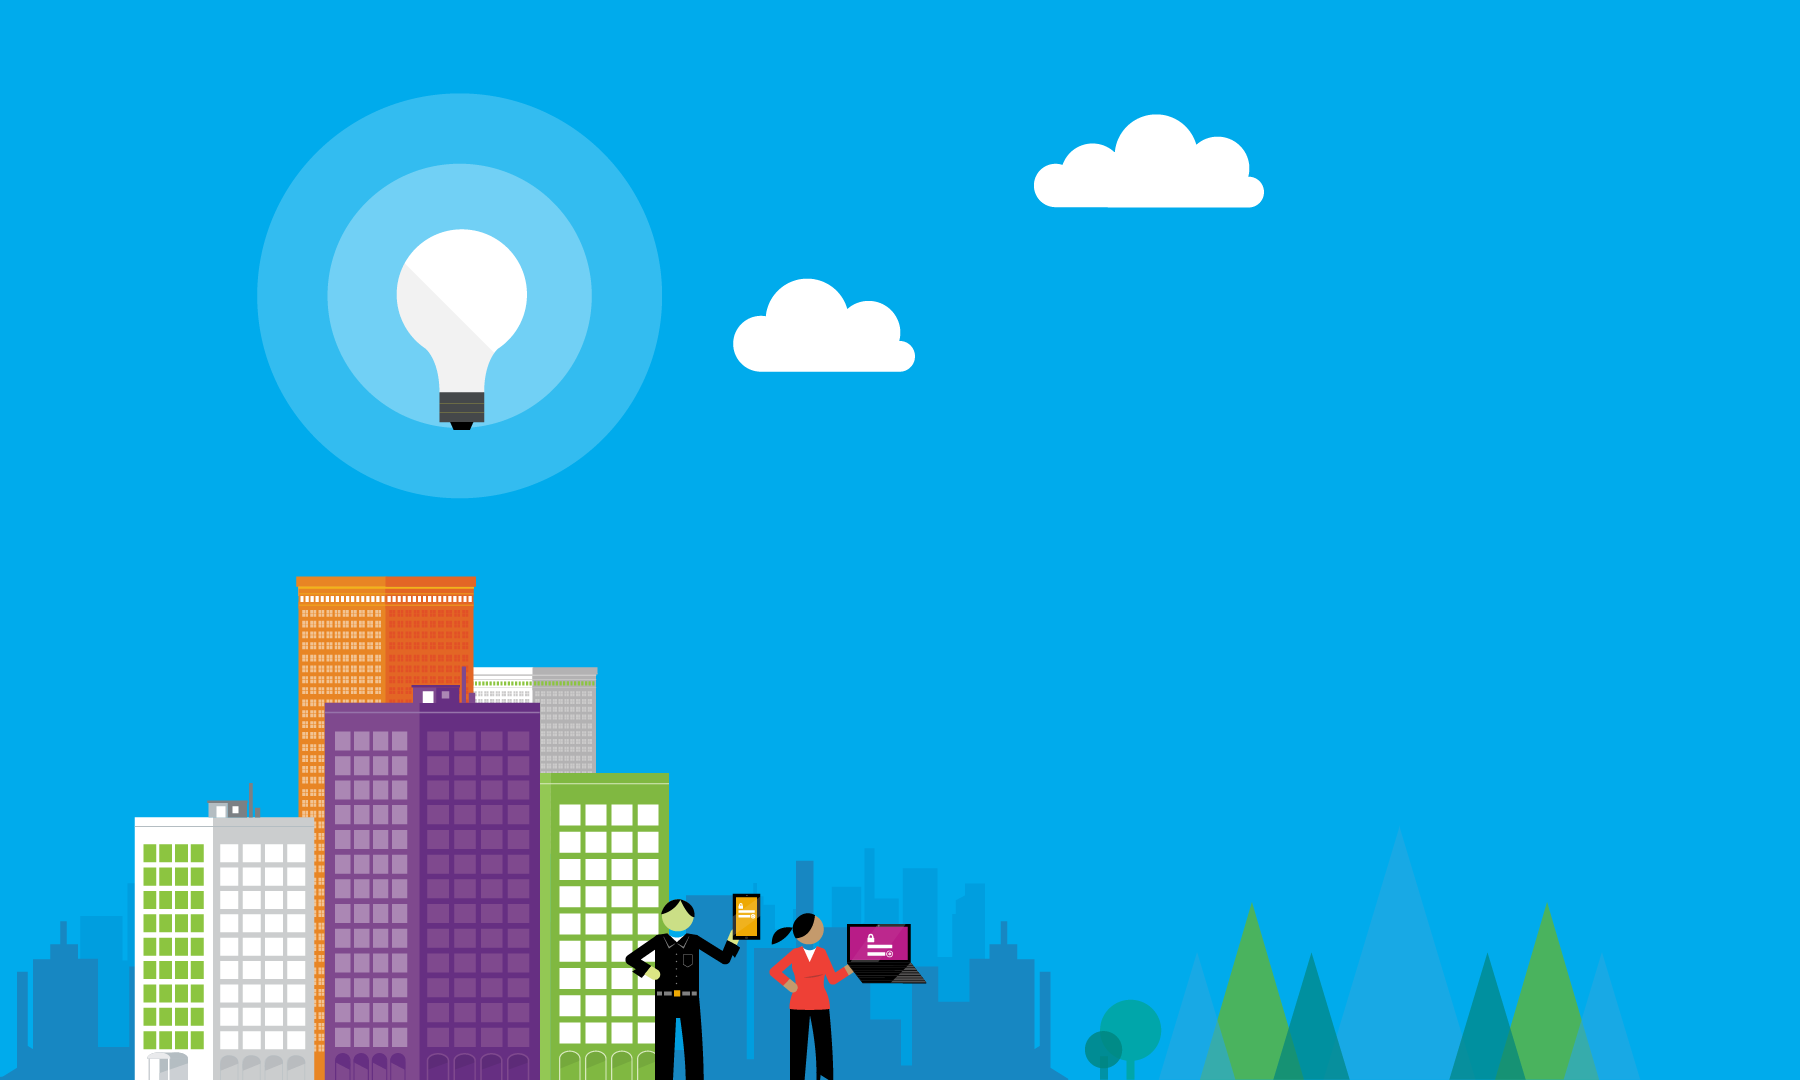 Serviços on-line da Microsoft estão enfrentando problemas de login, veja: